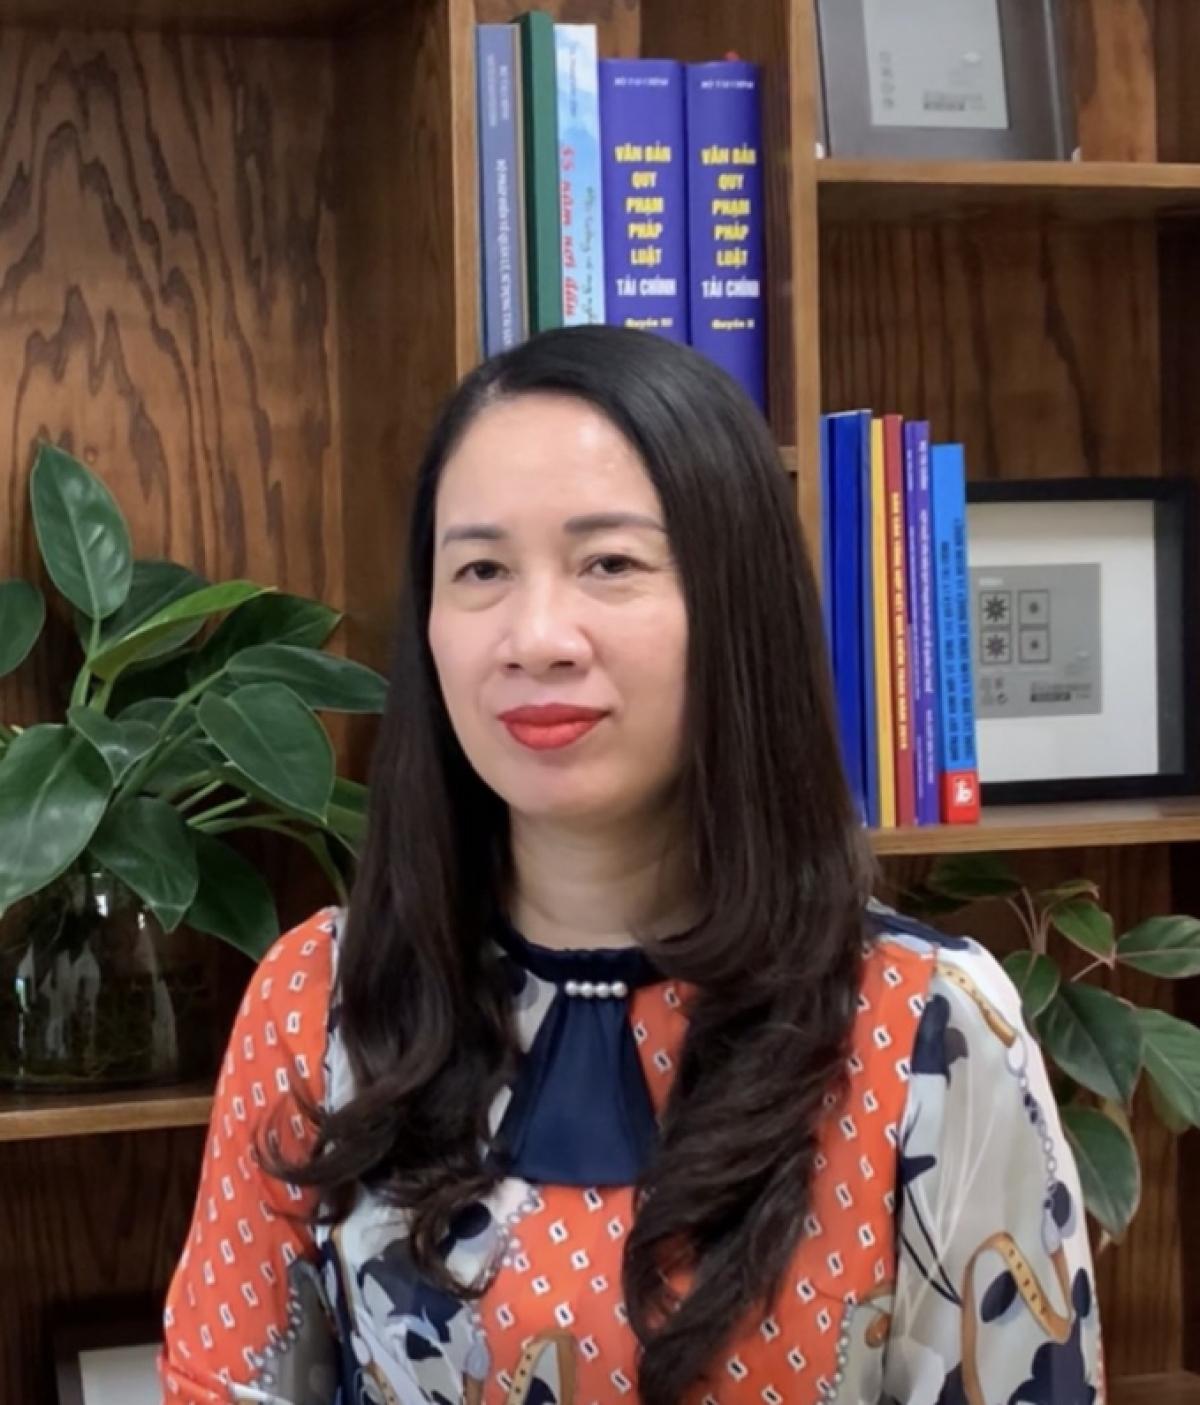 Bà Nguyễn Thị Lan Anh, Vụ trưởng Vụ Quản lý thuế doanh nghiệp nhỏ và vừa, hộ kinh doanh và cá nhân, Tổng cục Thuế